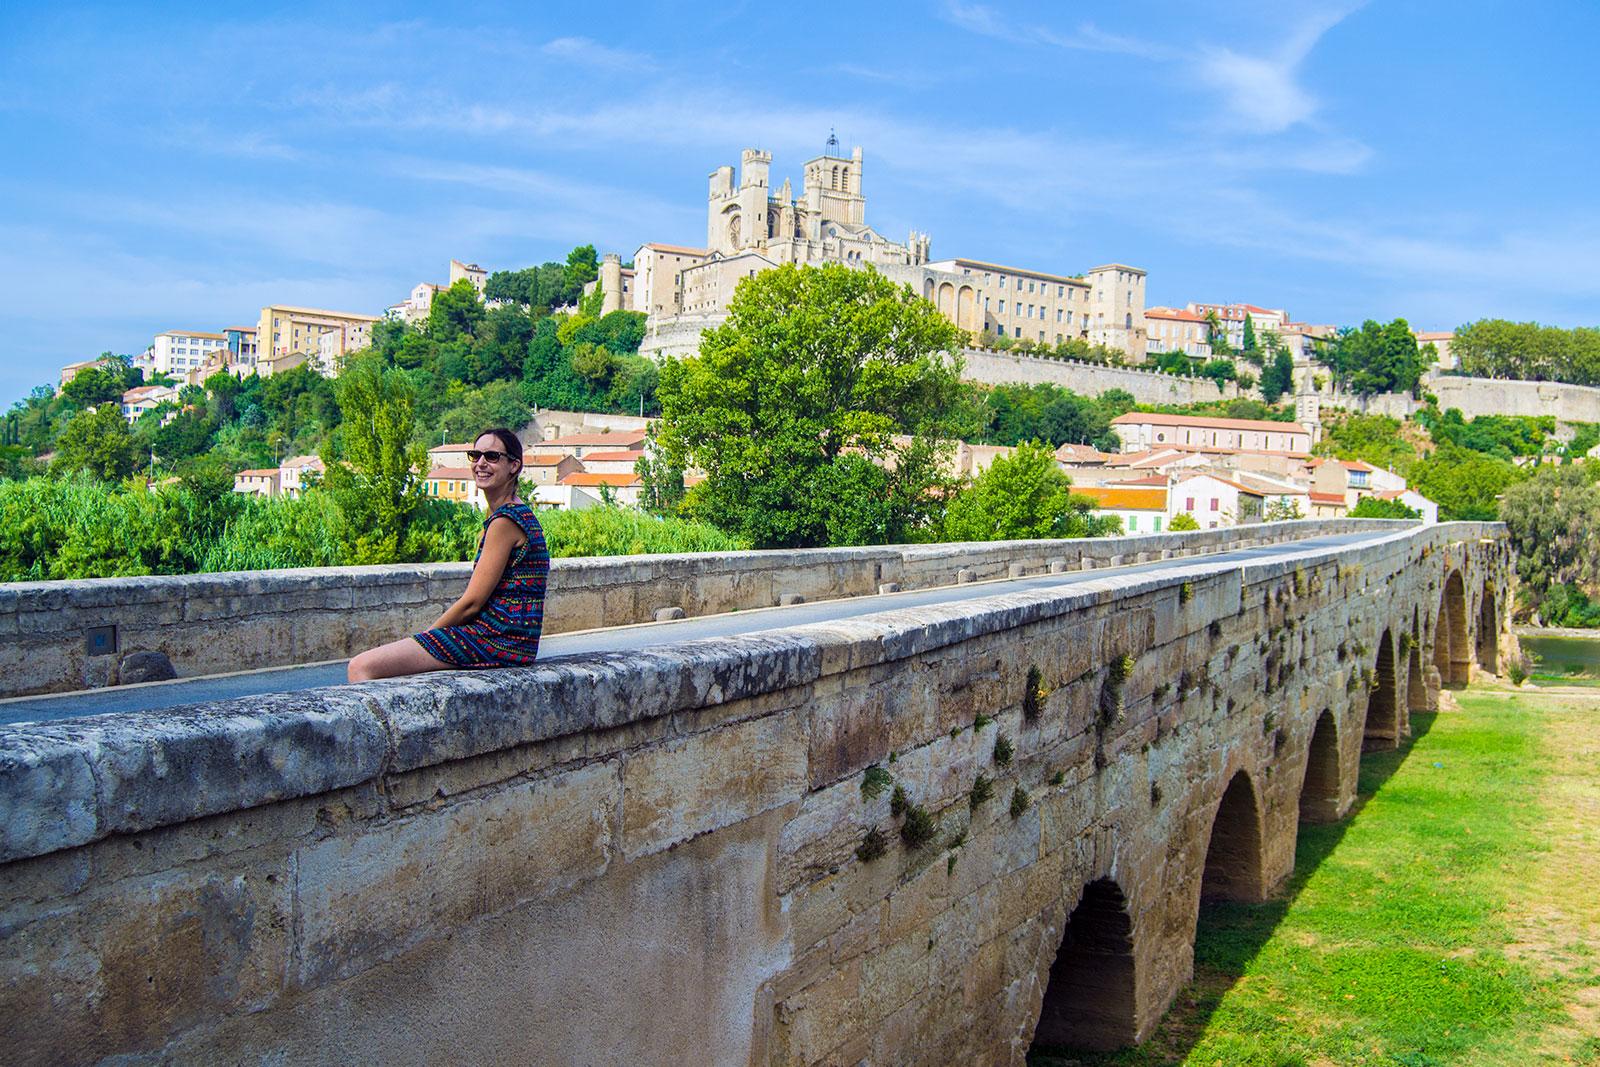 Puente de Béziers con la Catedral al fondo - Aix en Provence y Béziers